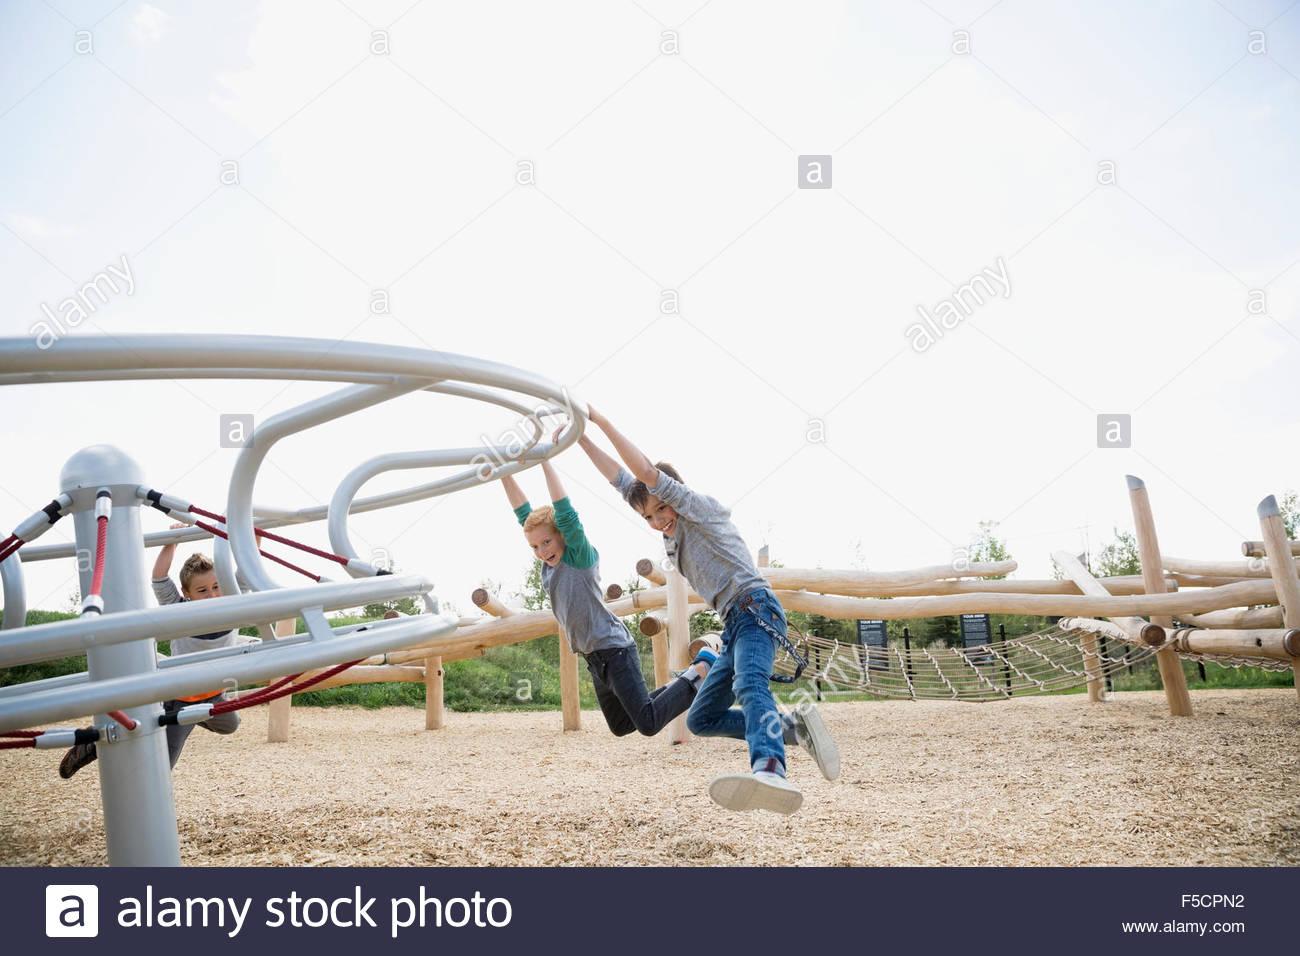 Les enfants suspendus à barre en rotation à l'aire ensoleillée Photo Stock